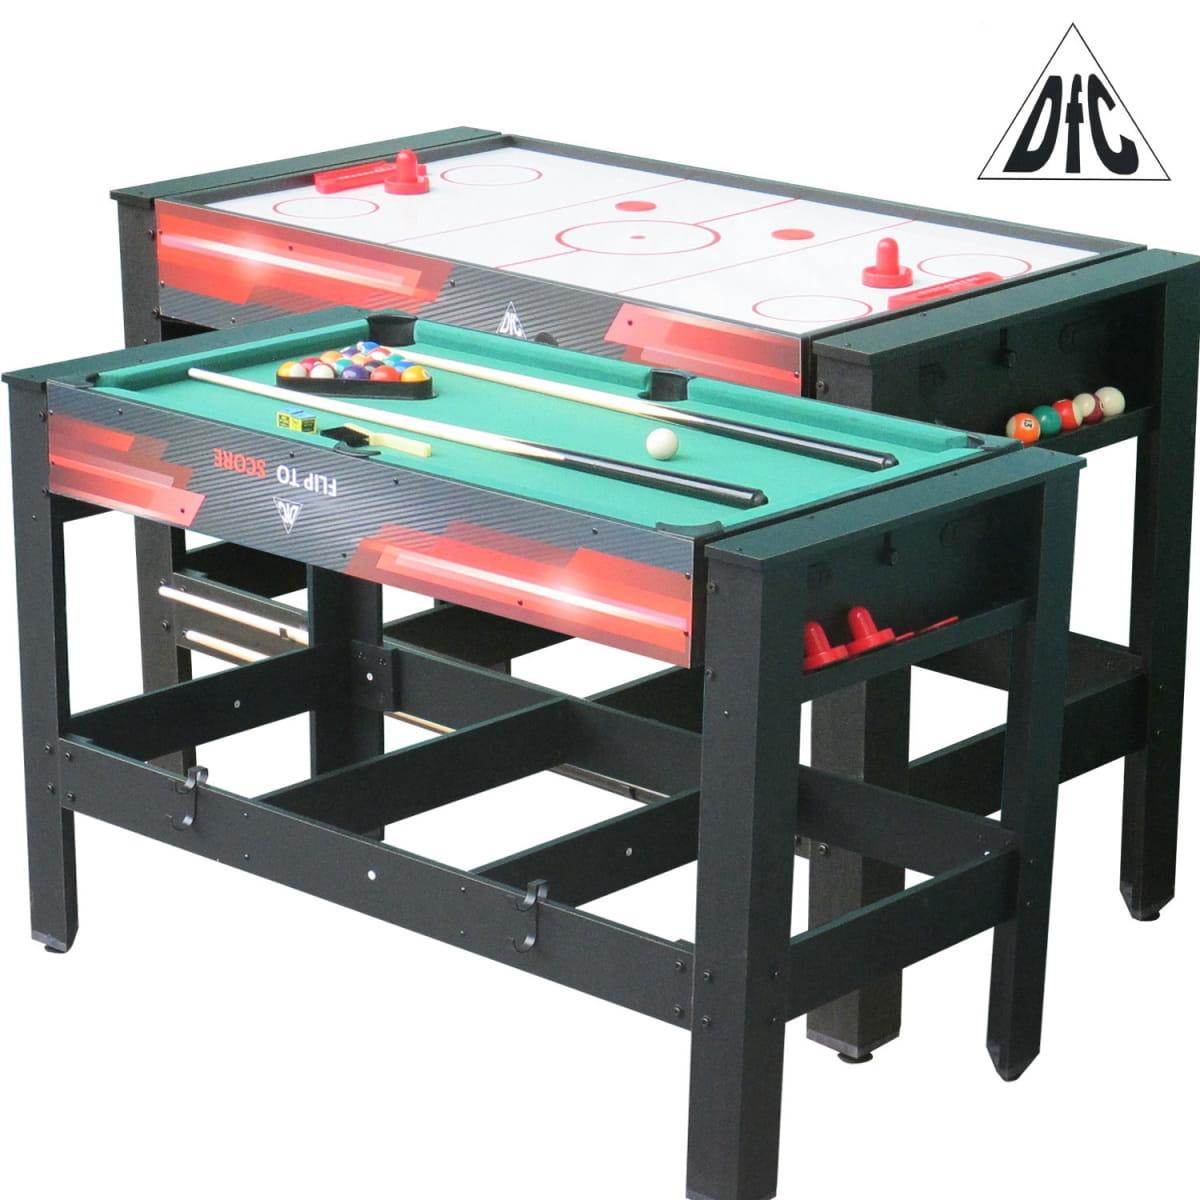 Игровой стол DFC ES-GT-48242 Drive 2 в 1 (бильярд и аэрохоккей)